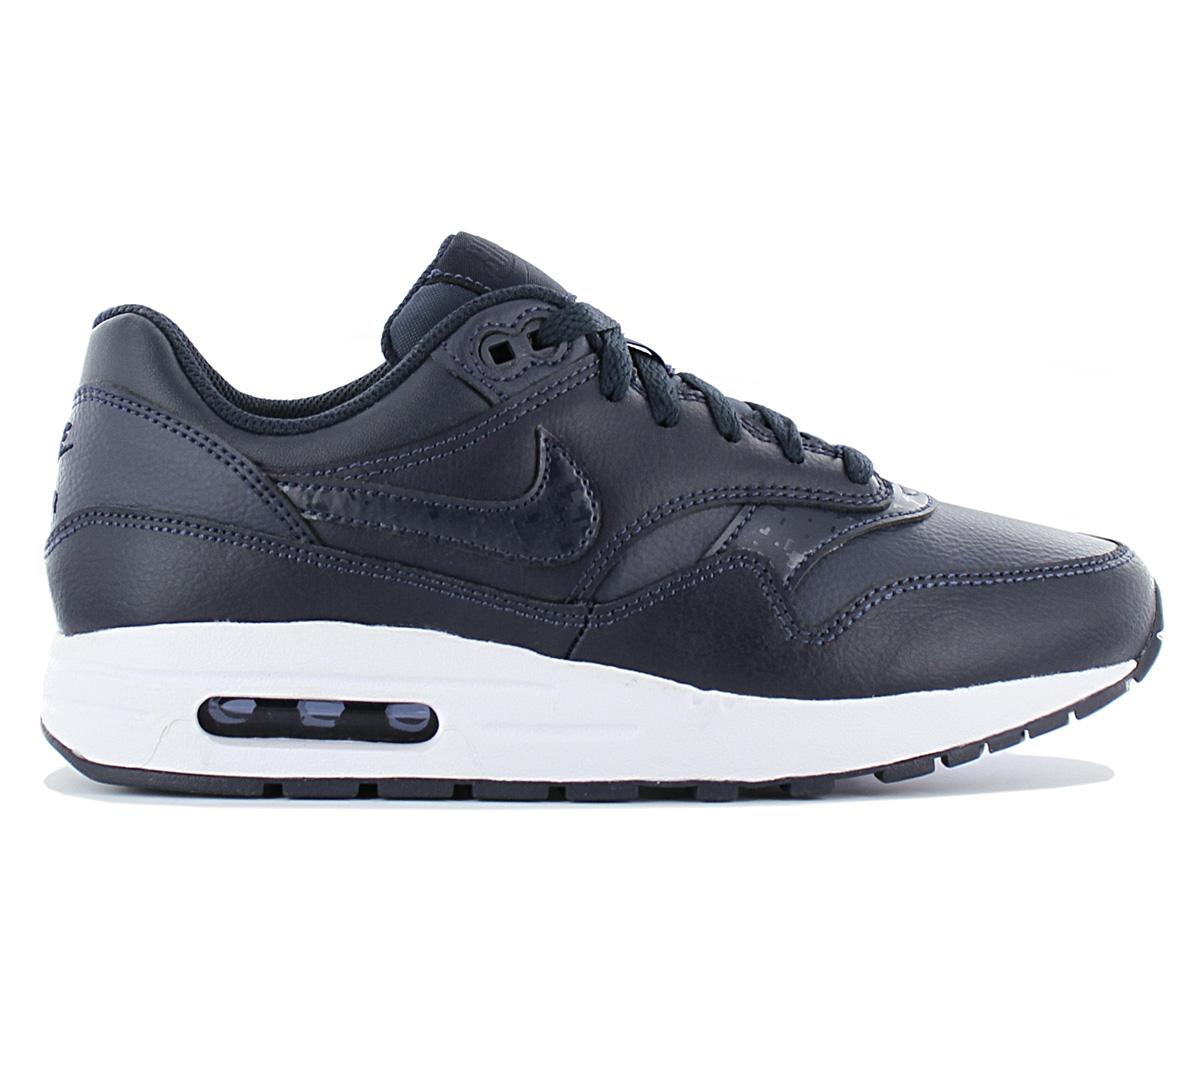 Details zu Nike Air Max 1 Leather Damen Sneaker Schuhe 807602 402 Leder Blau Turnschuhe NEU